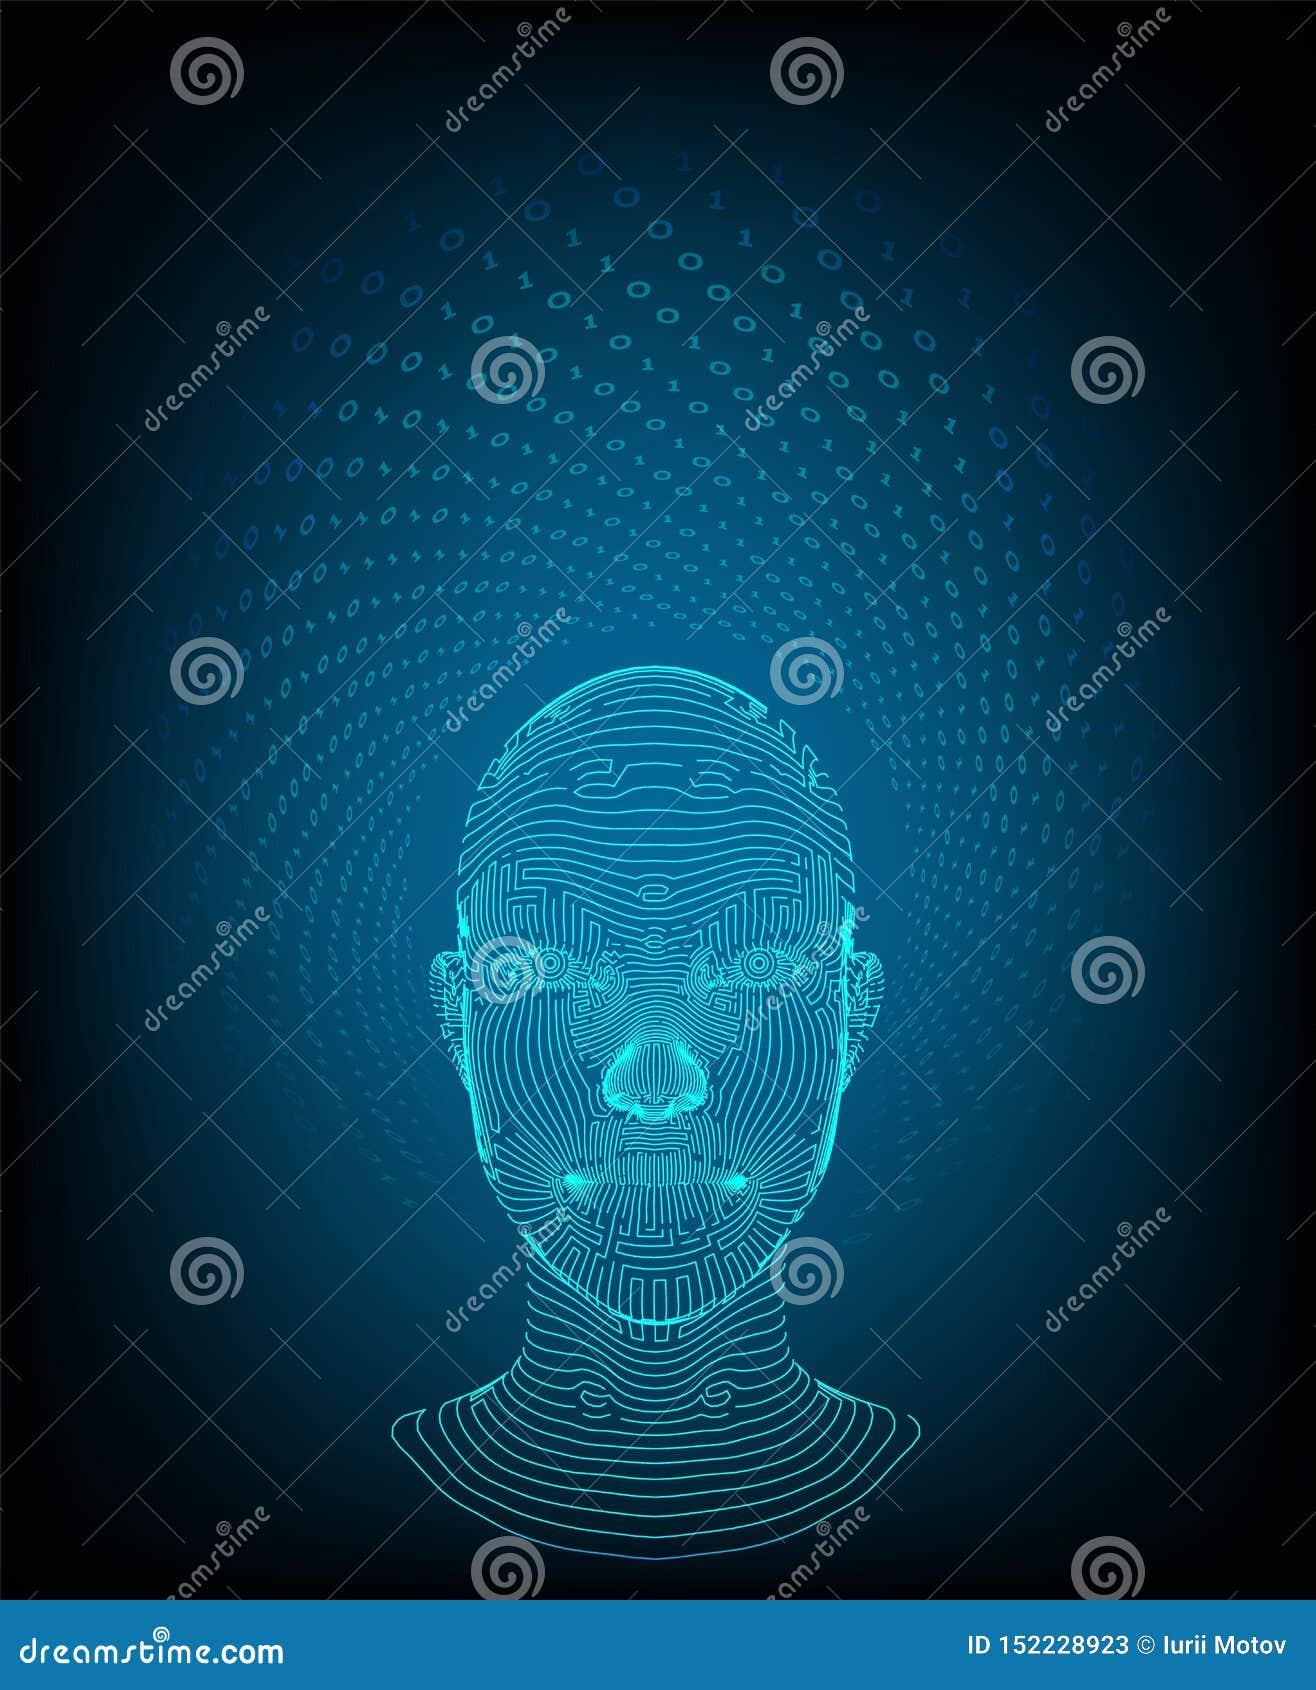 Ai Het concept van de kunstmatige intelligentie Ai digitale hersenen Abstract digitaal menselijk gezicht Menselijk hoofd in robot